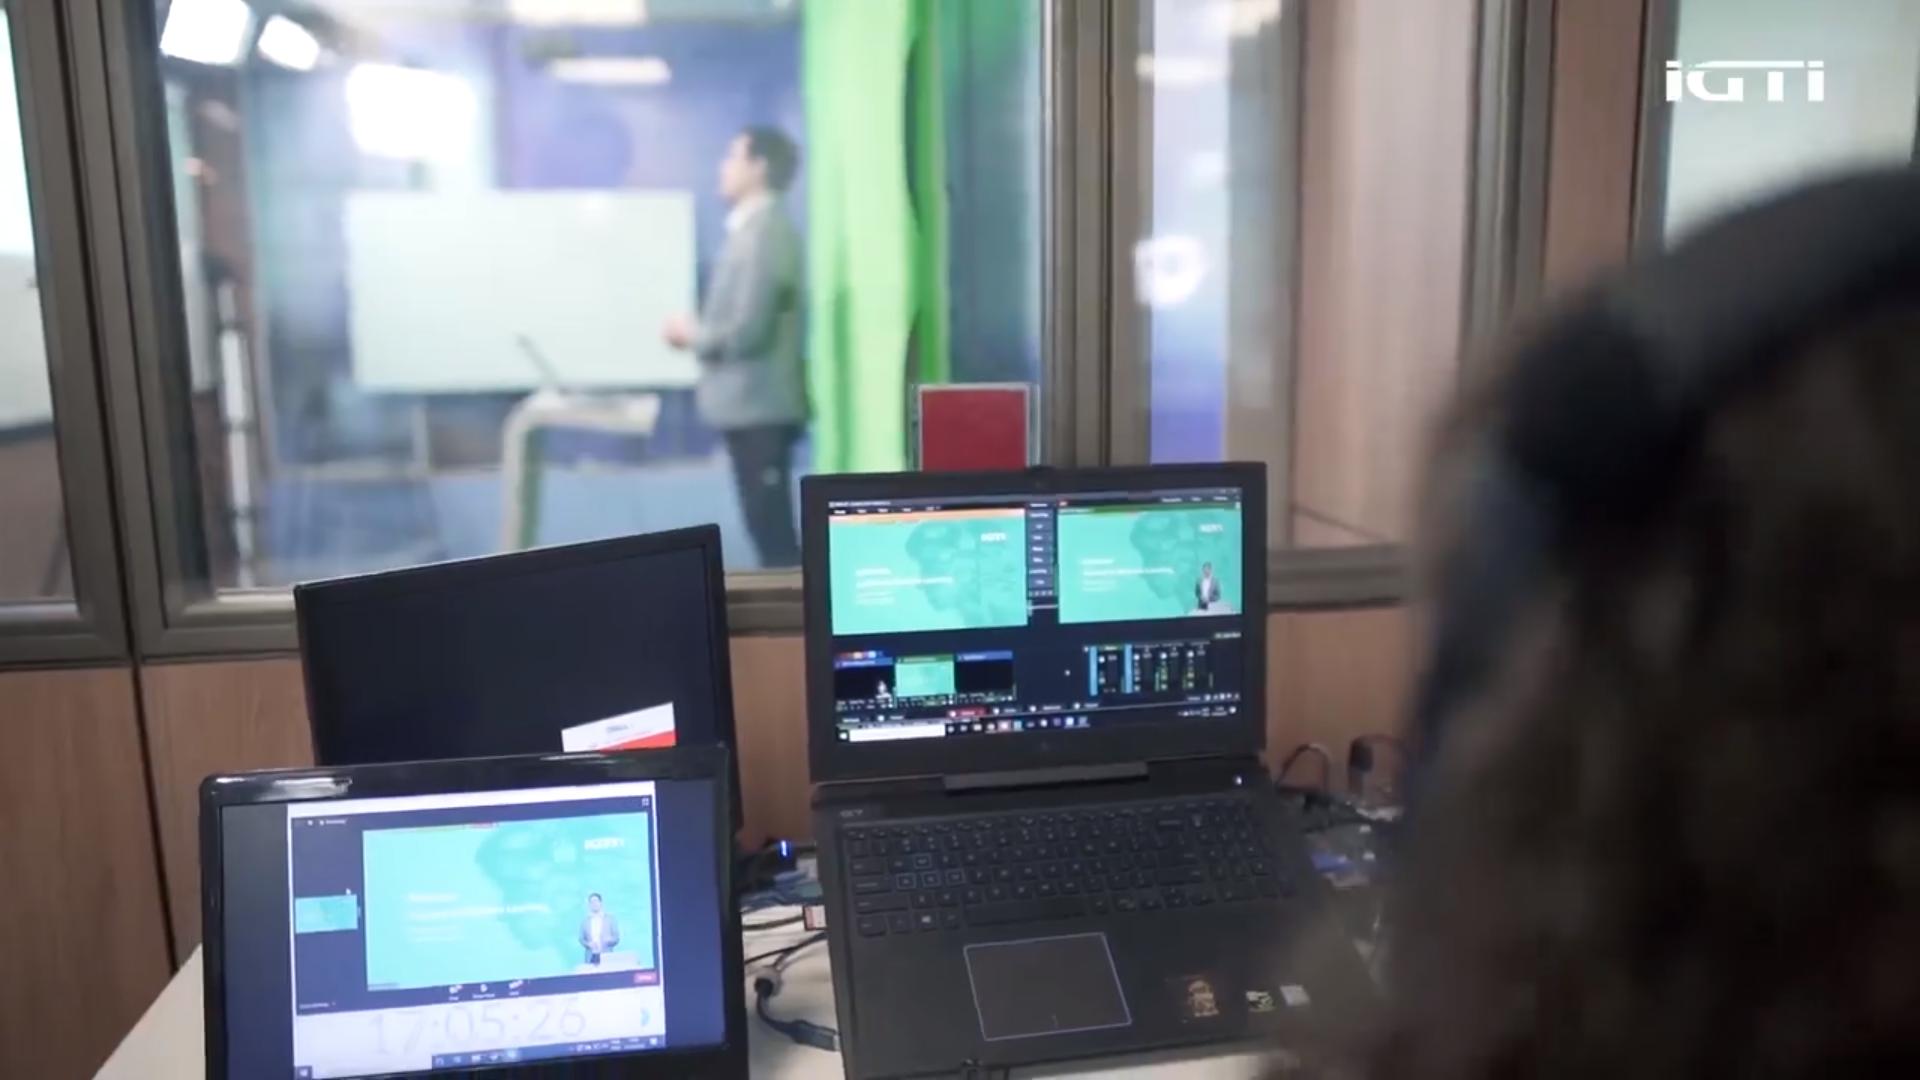 Aulas online do IGTI são interativas e transmitidas ao vivo